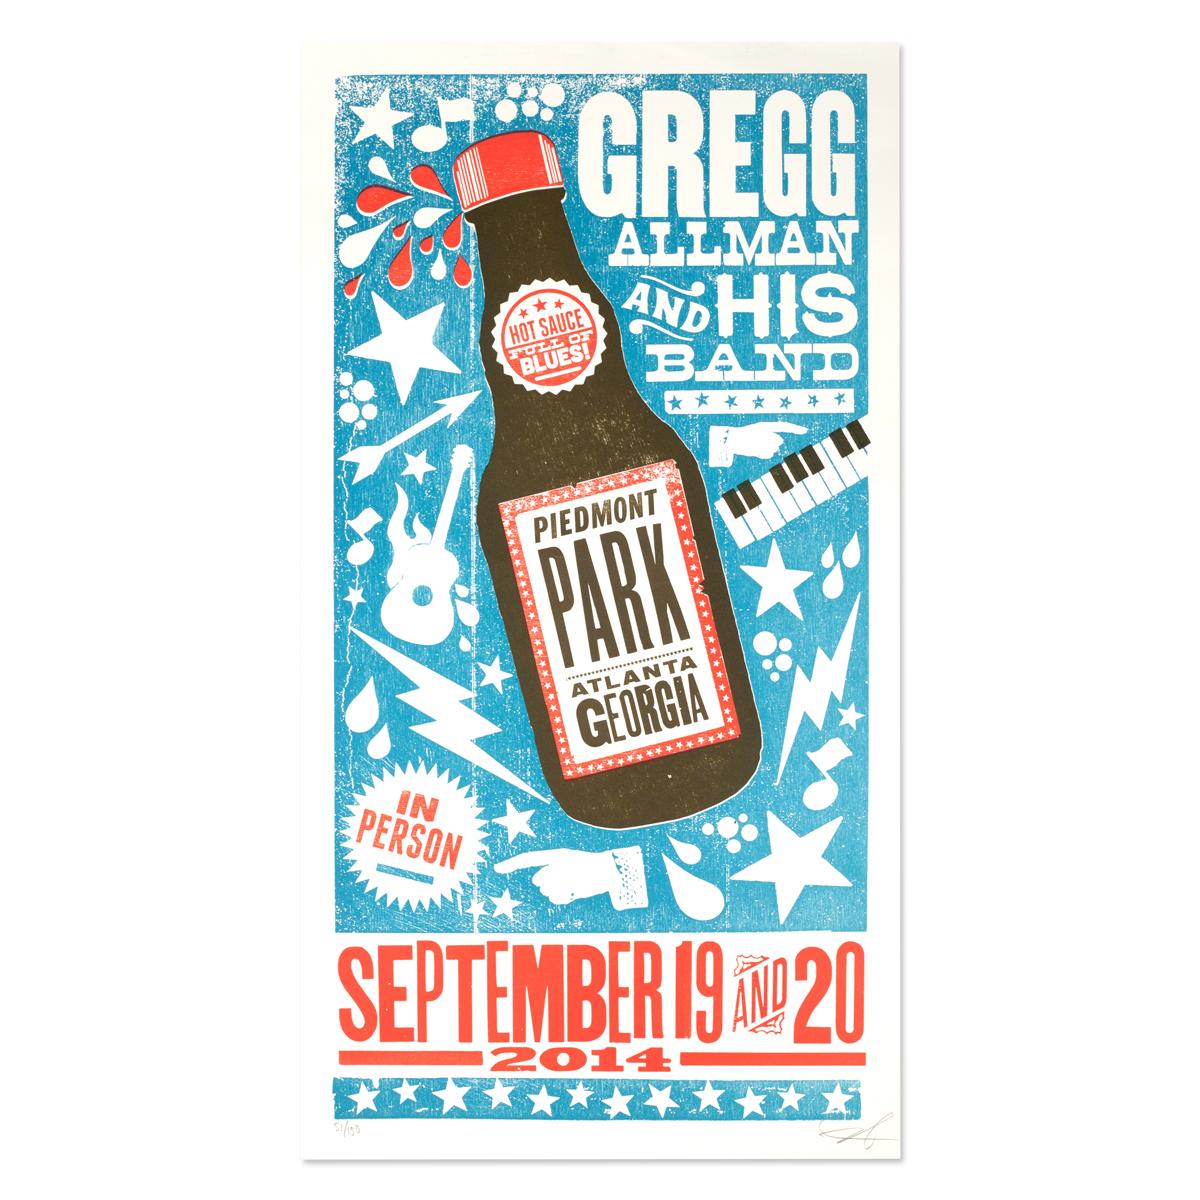 Gregg Allman Atlanta Event Poster